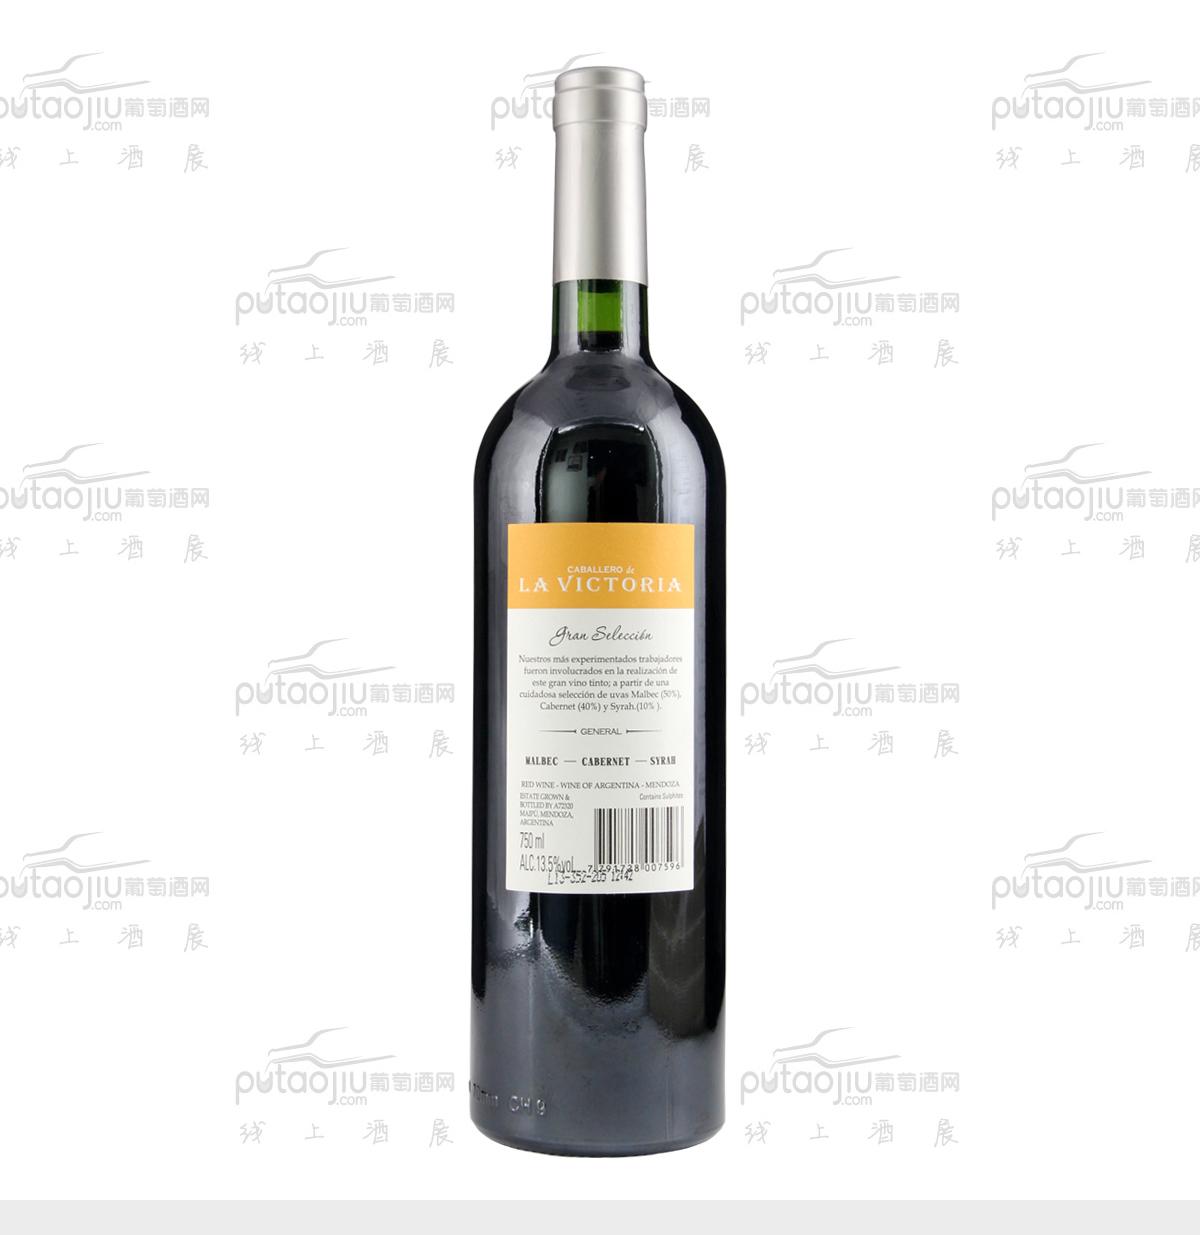 维多利骑士将军系列特级混酿红葡萄酒